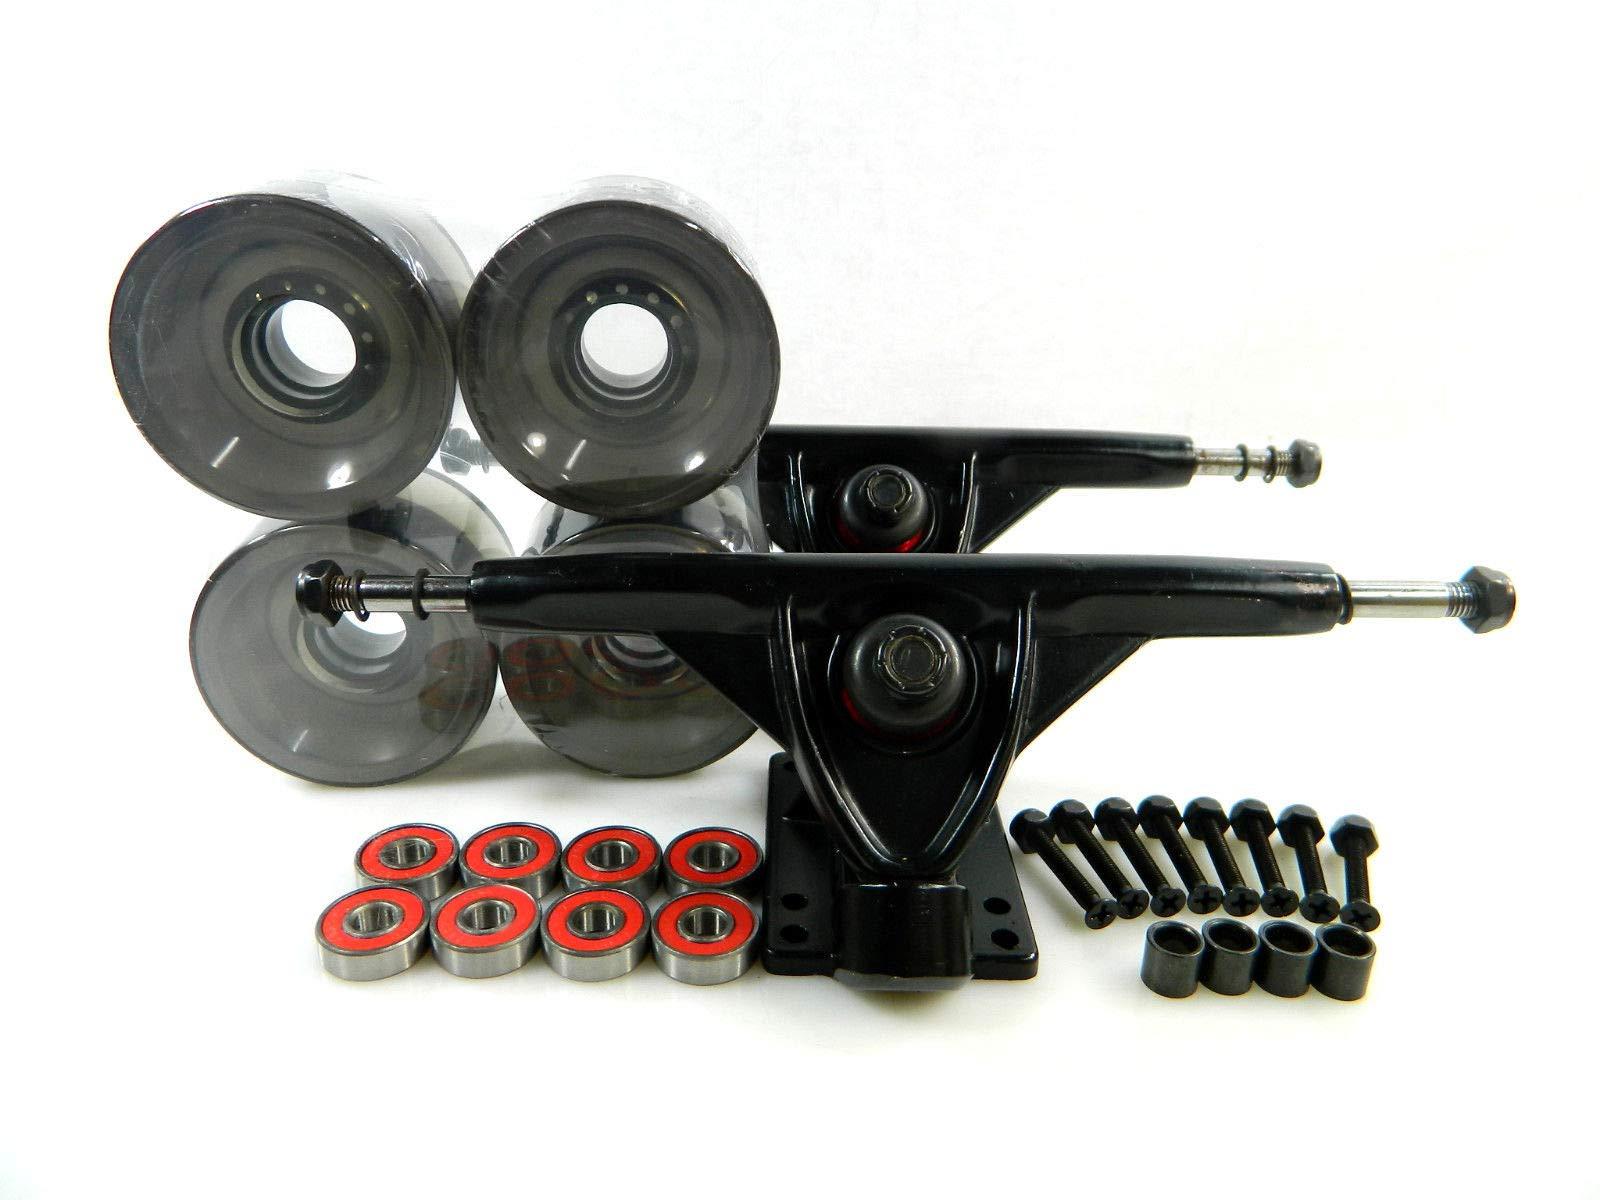 Good Skateboard Clear Smoke Blank 180Mm Reverse Longboard Trucks + Blank 70Mm Pro Clear Color Wheels